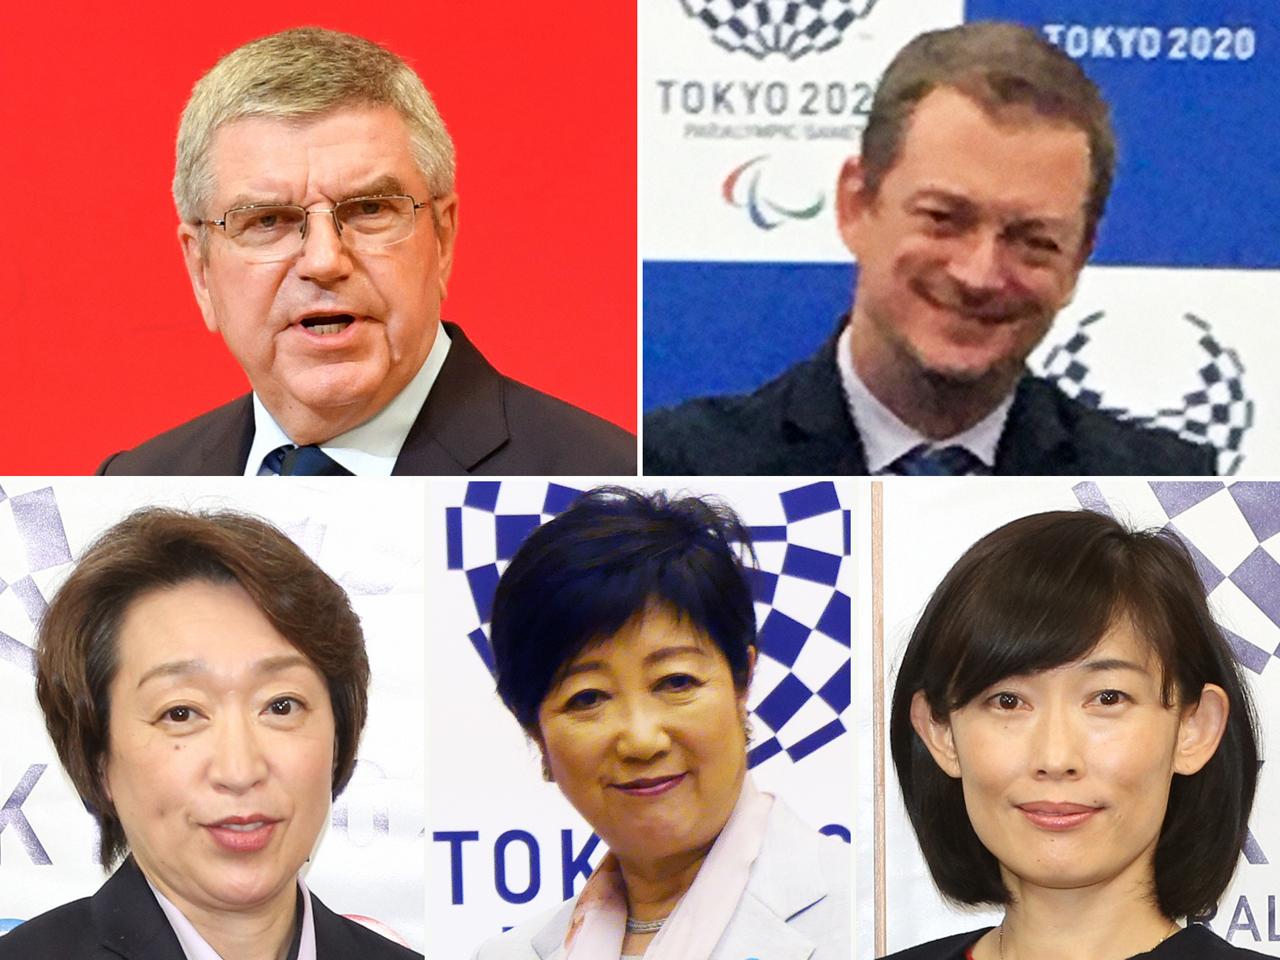 上段左からIOCバッハ会長、IPCパーソンズ会長、下段左から組織委の橋本聖子会長、小池百合子都知事、丸川珠代五輪相